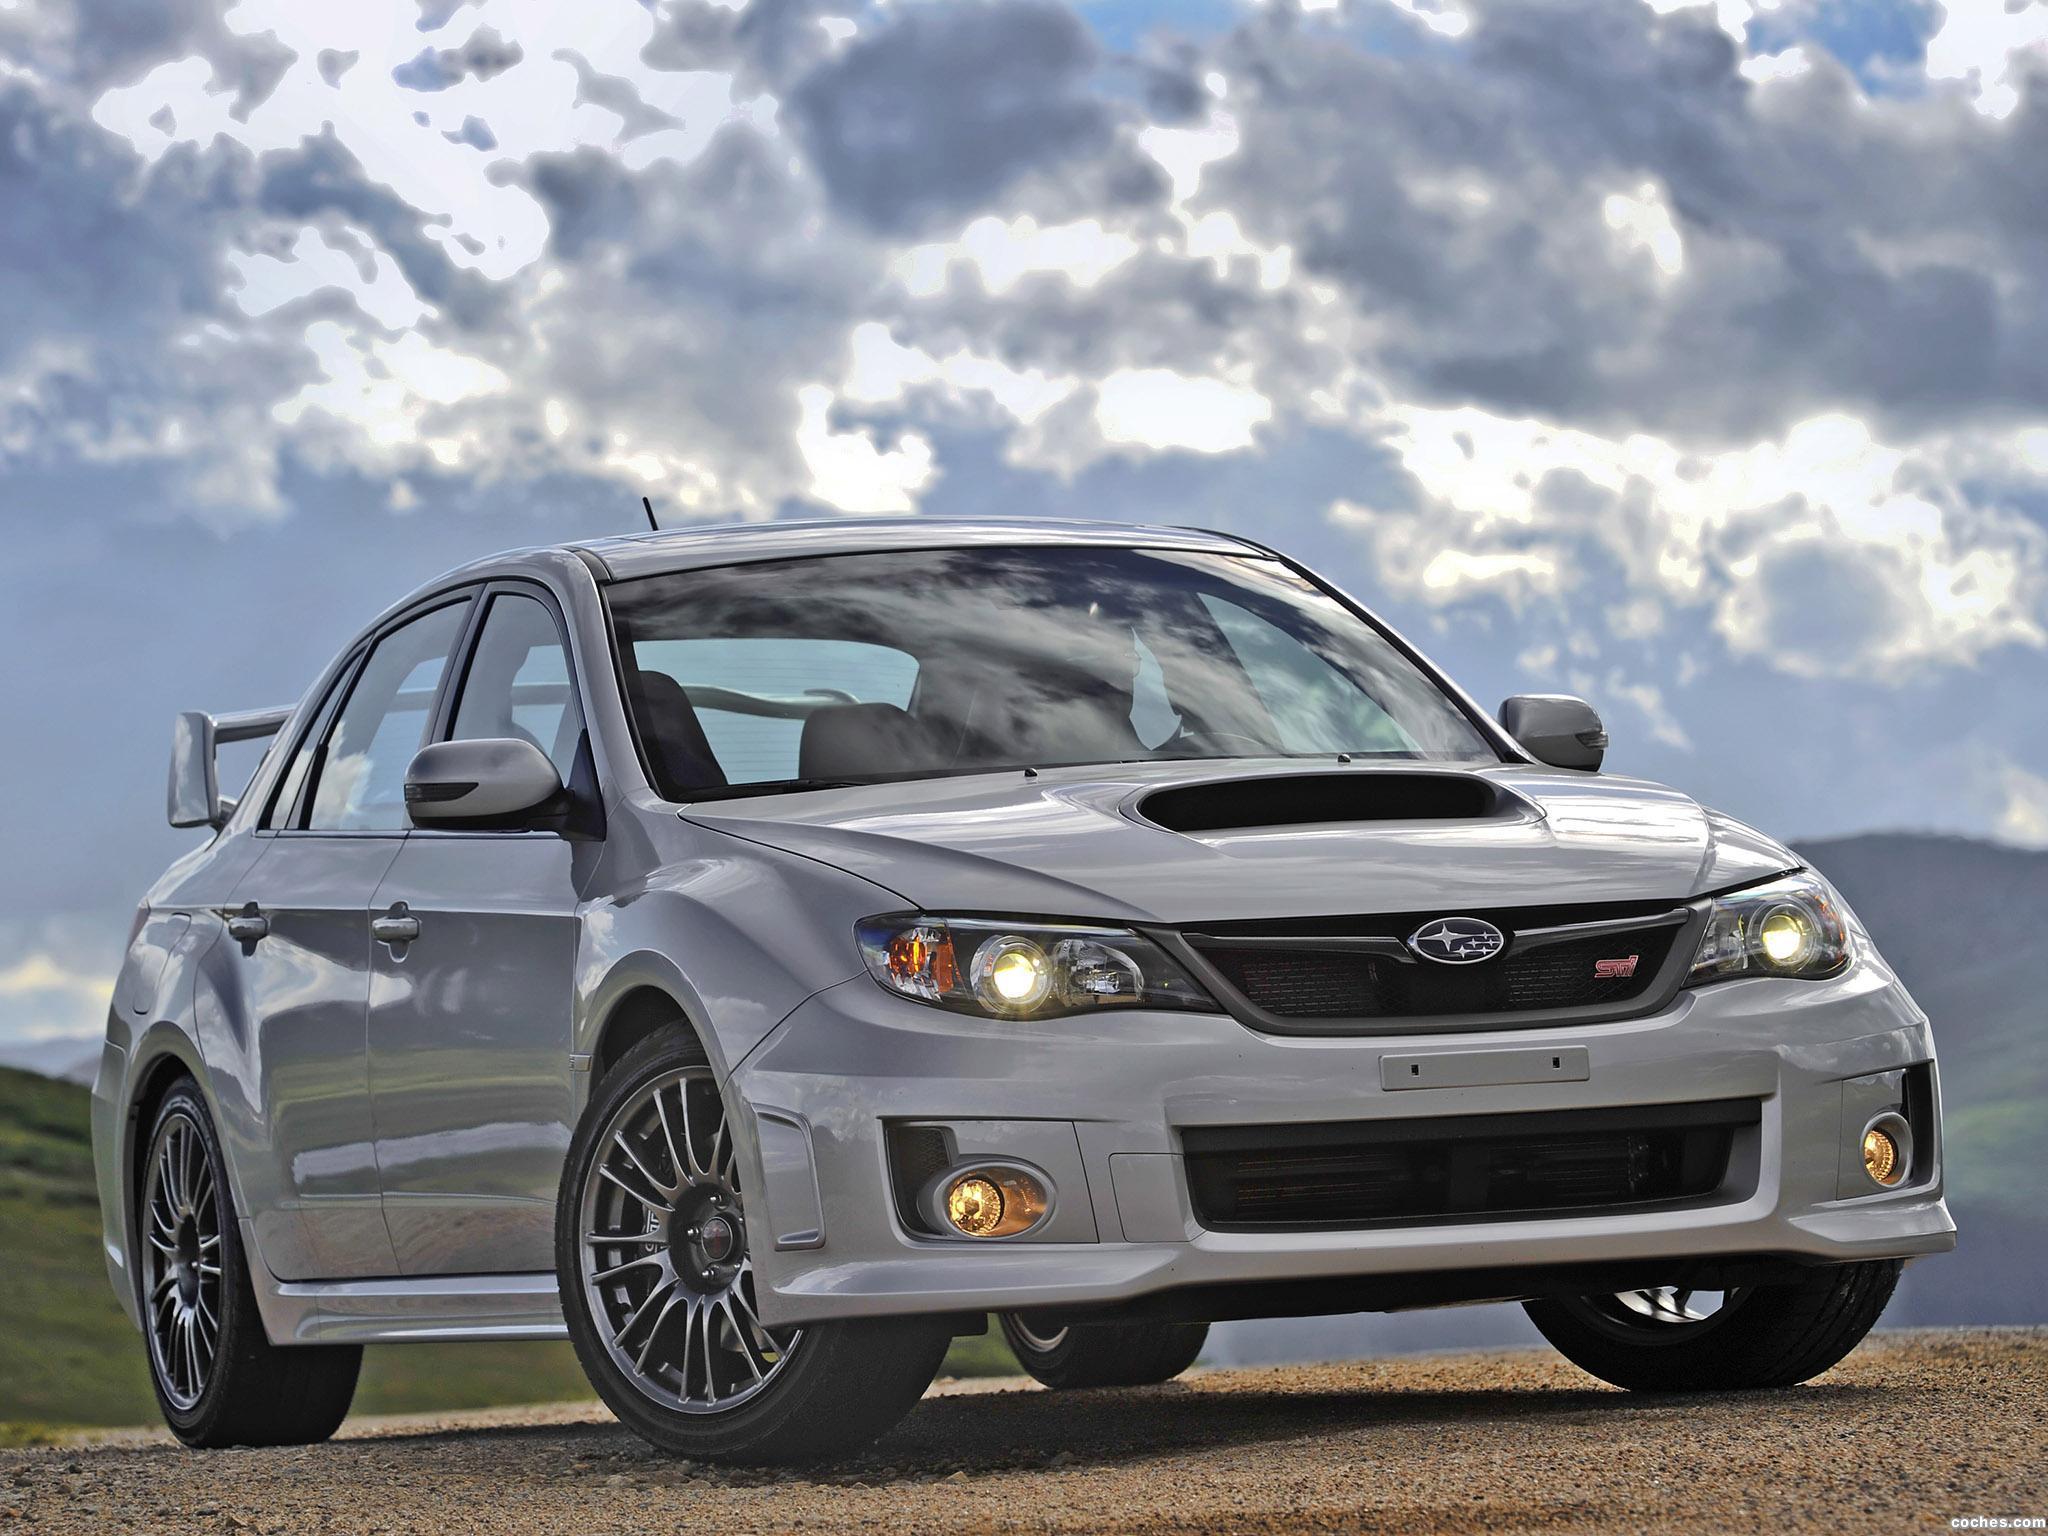 Foto 20 de Subaru Impreza WRX STi Sedan USA 2010